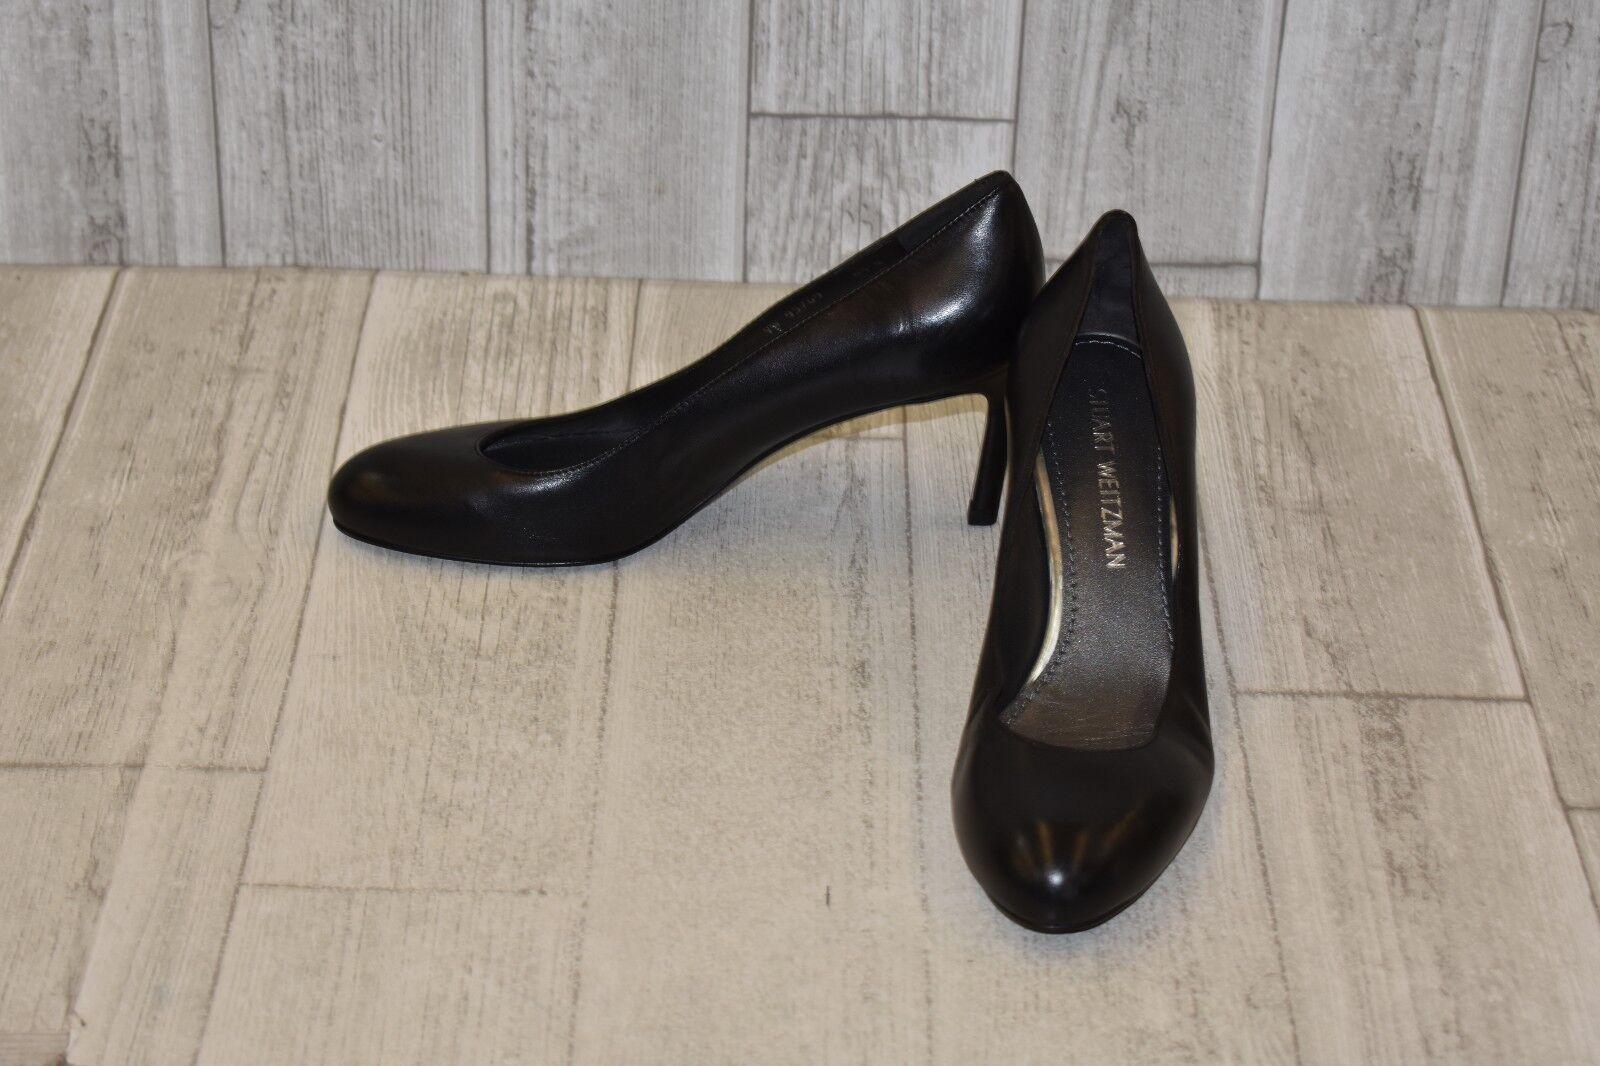 promozioni di sconto Stuart Weitzman 95769 Round Toe Leather Pumps, Pumps, Pumps, Donna  Dimensione 8.5M, nero  prezzo all'ingrosso